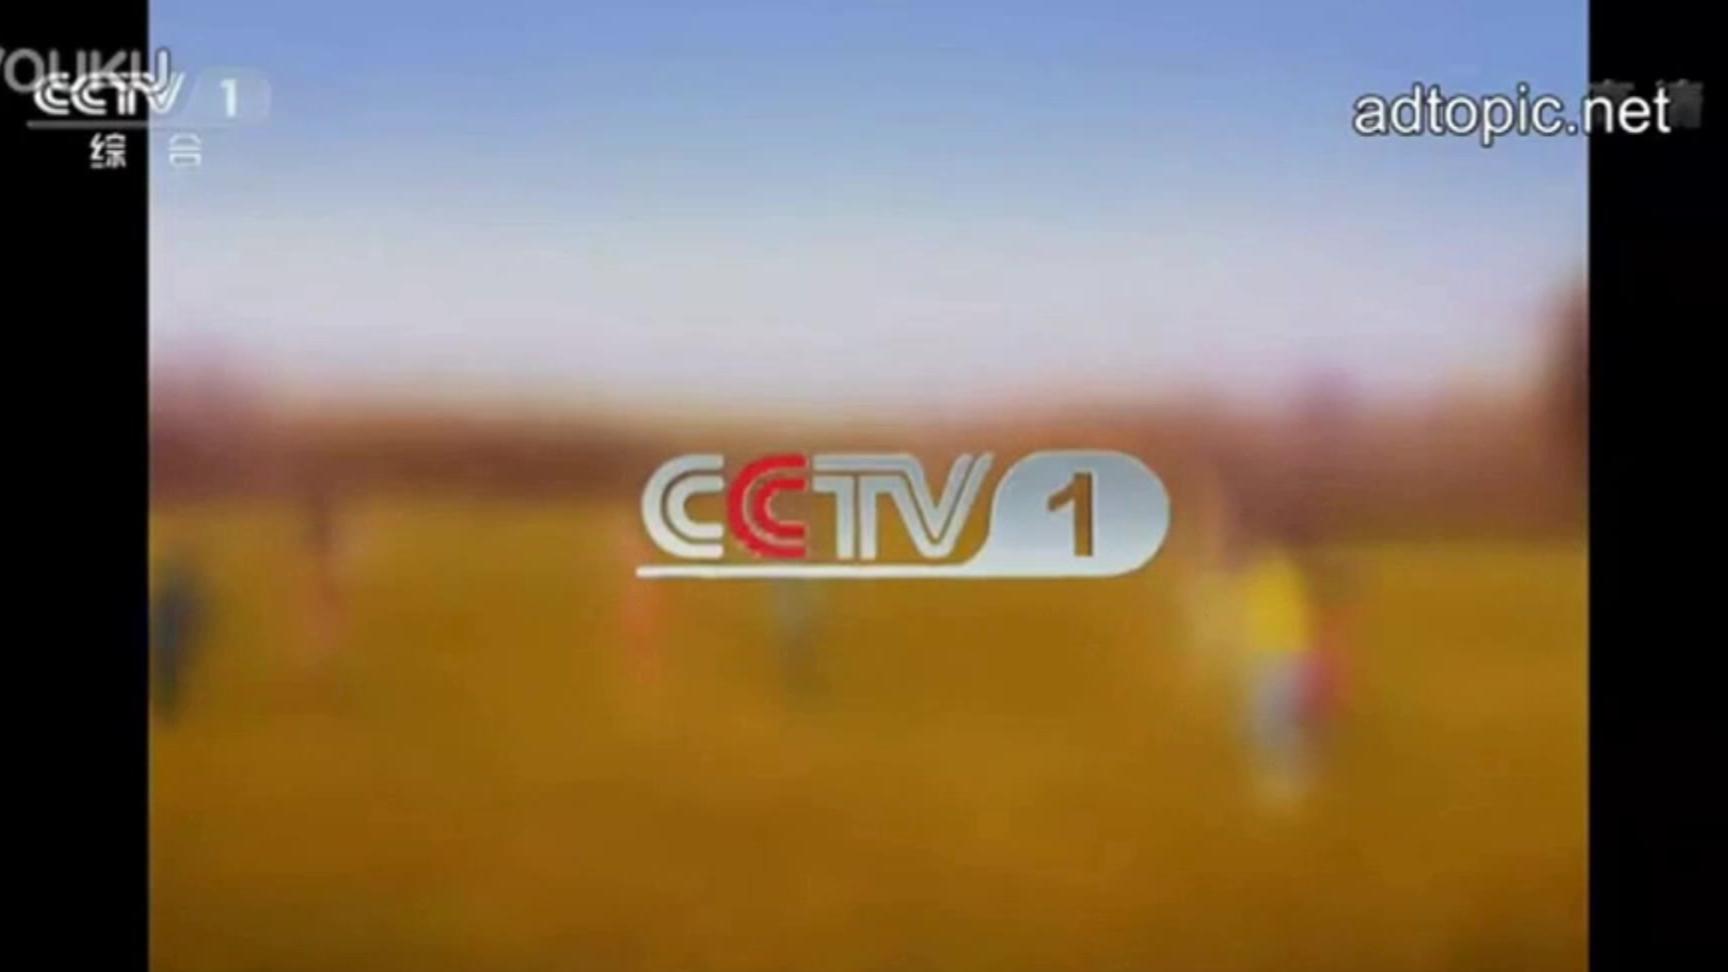 【放送】CCTV1历年ID集锦(1998——)(高清重制版)